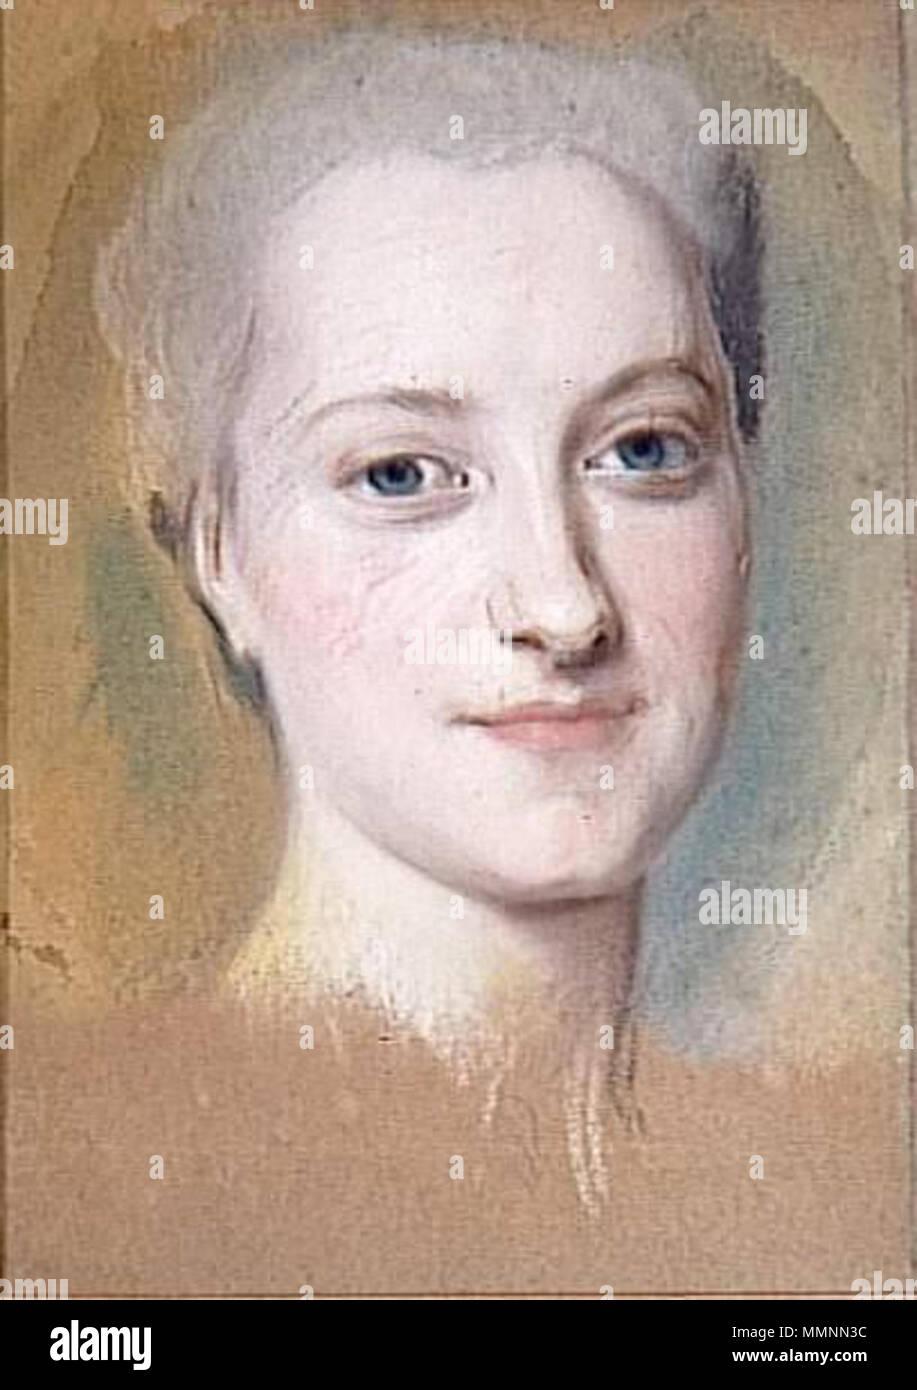 English: Princess Maria Christina of Saxony (1735–1782) Français: Princesse Marie-Christine de Saxe (1735–1782) ???????: ????????? ????? ???????? ?????????? (1735–1782) .  English: A preparatory study for the portrait (lost) exhibited at the Salon of 1763 Français: Une étude préparatoire pour le portrait (perdu) exposé au Salon de 1763 ???????: ???????????????? ???? ? ???????? (??????), ????????????? ? ?????? 1763 ???? . Maurice Quentin de La Tour, Princesse Marie-Christine de Saxe (c. 1762-1763) Stock Photo